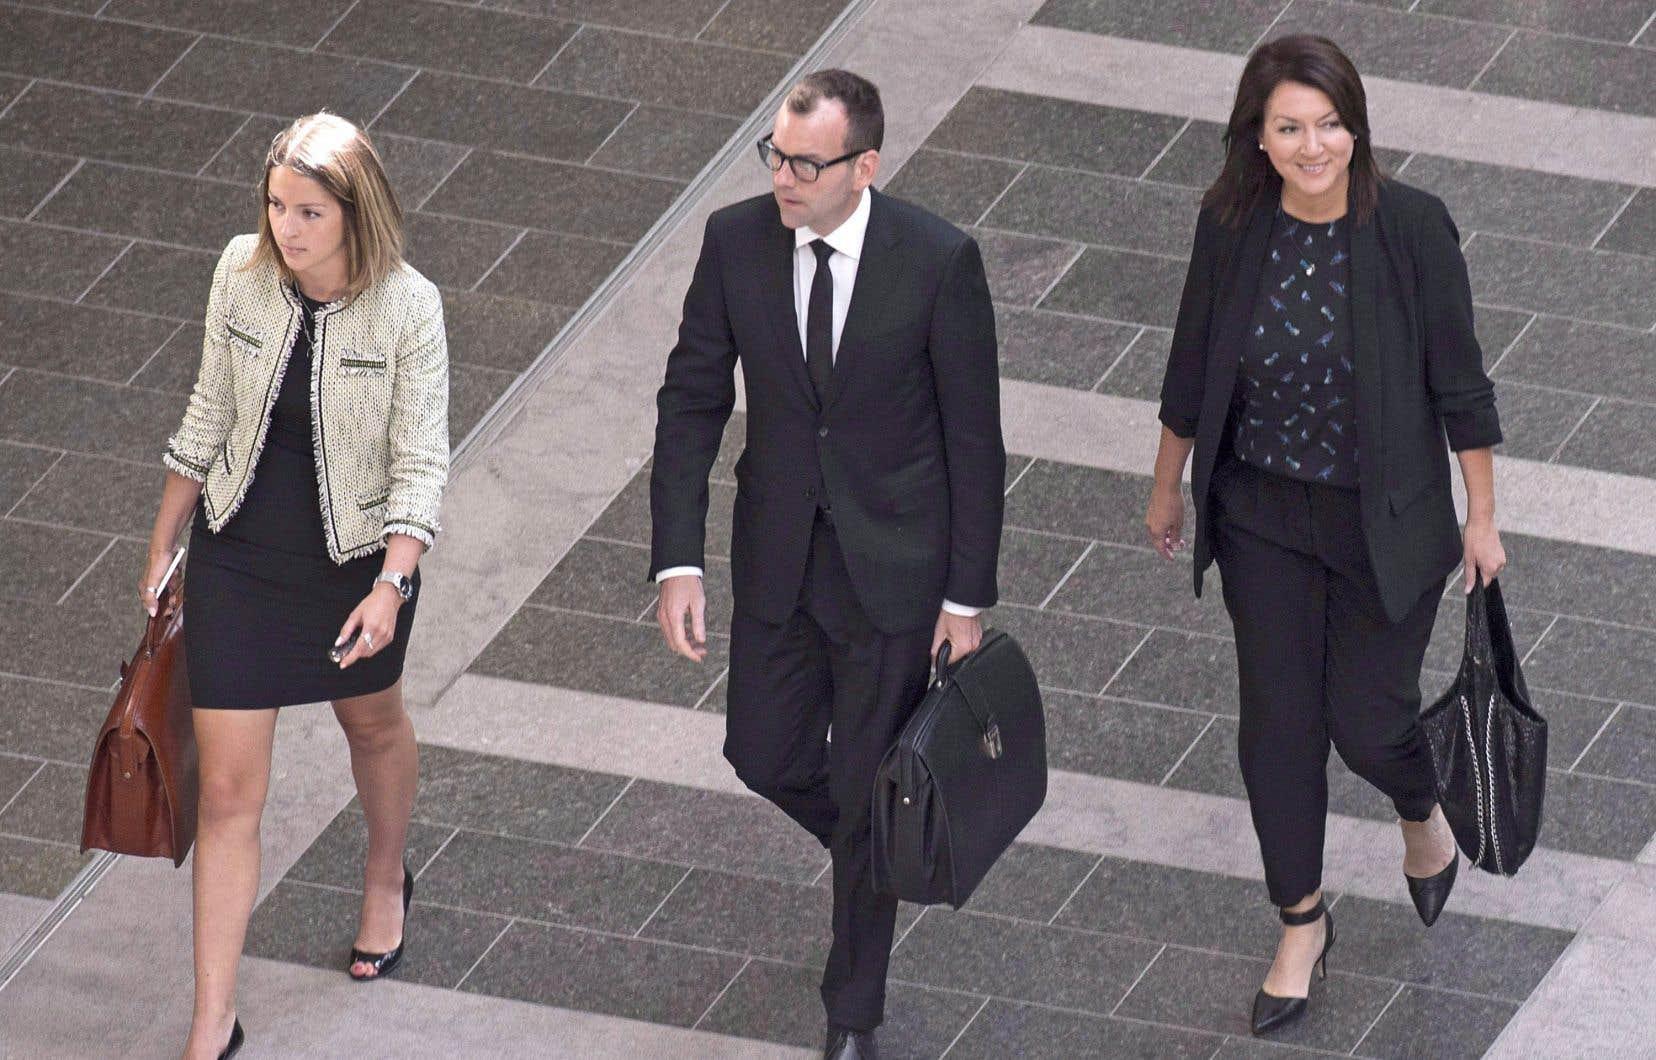 L'ancienne élue libérale Nathalie Normandeau (à droite) en compagnie de ses avocats au palais de justice de Québec, en août 2016.